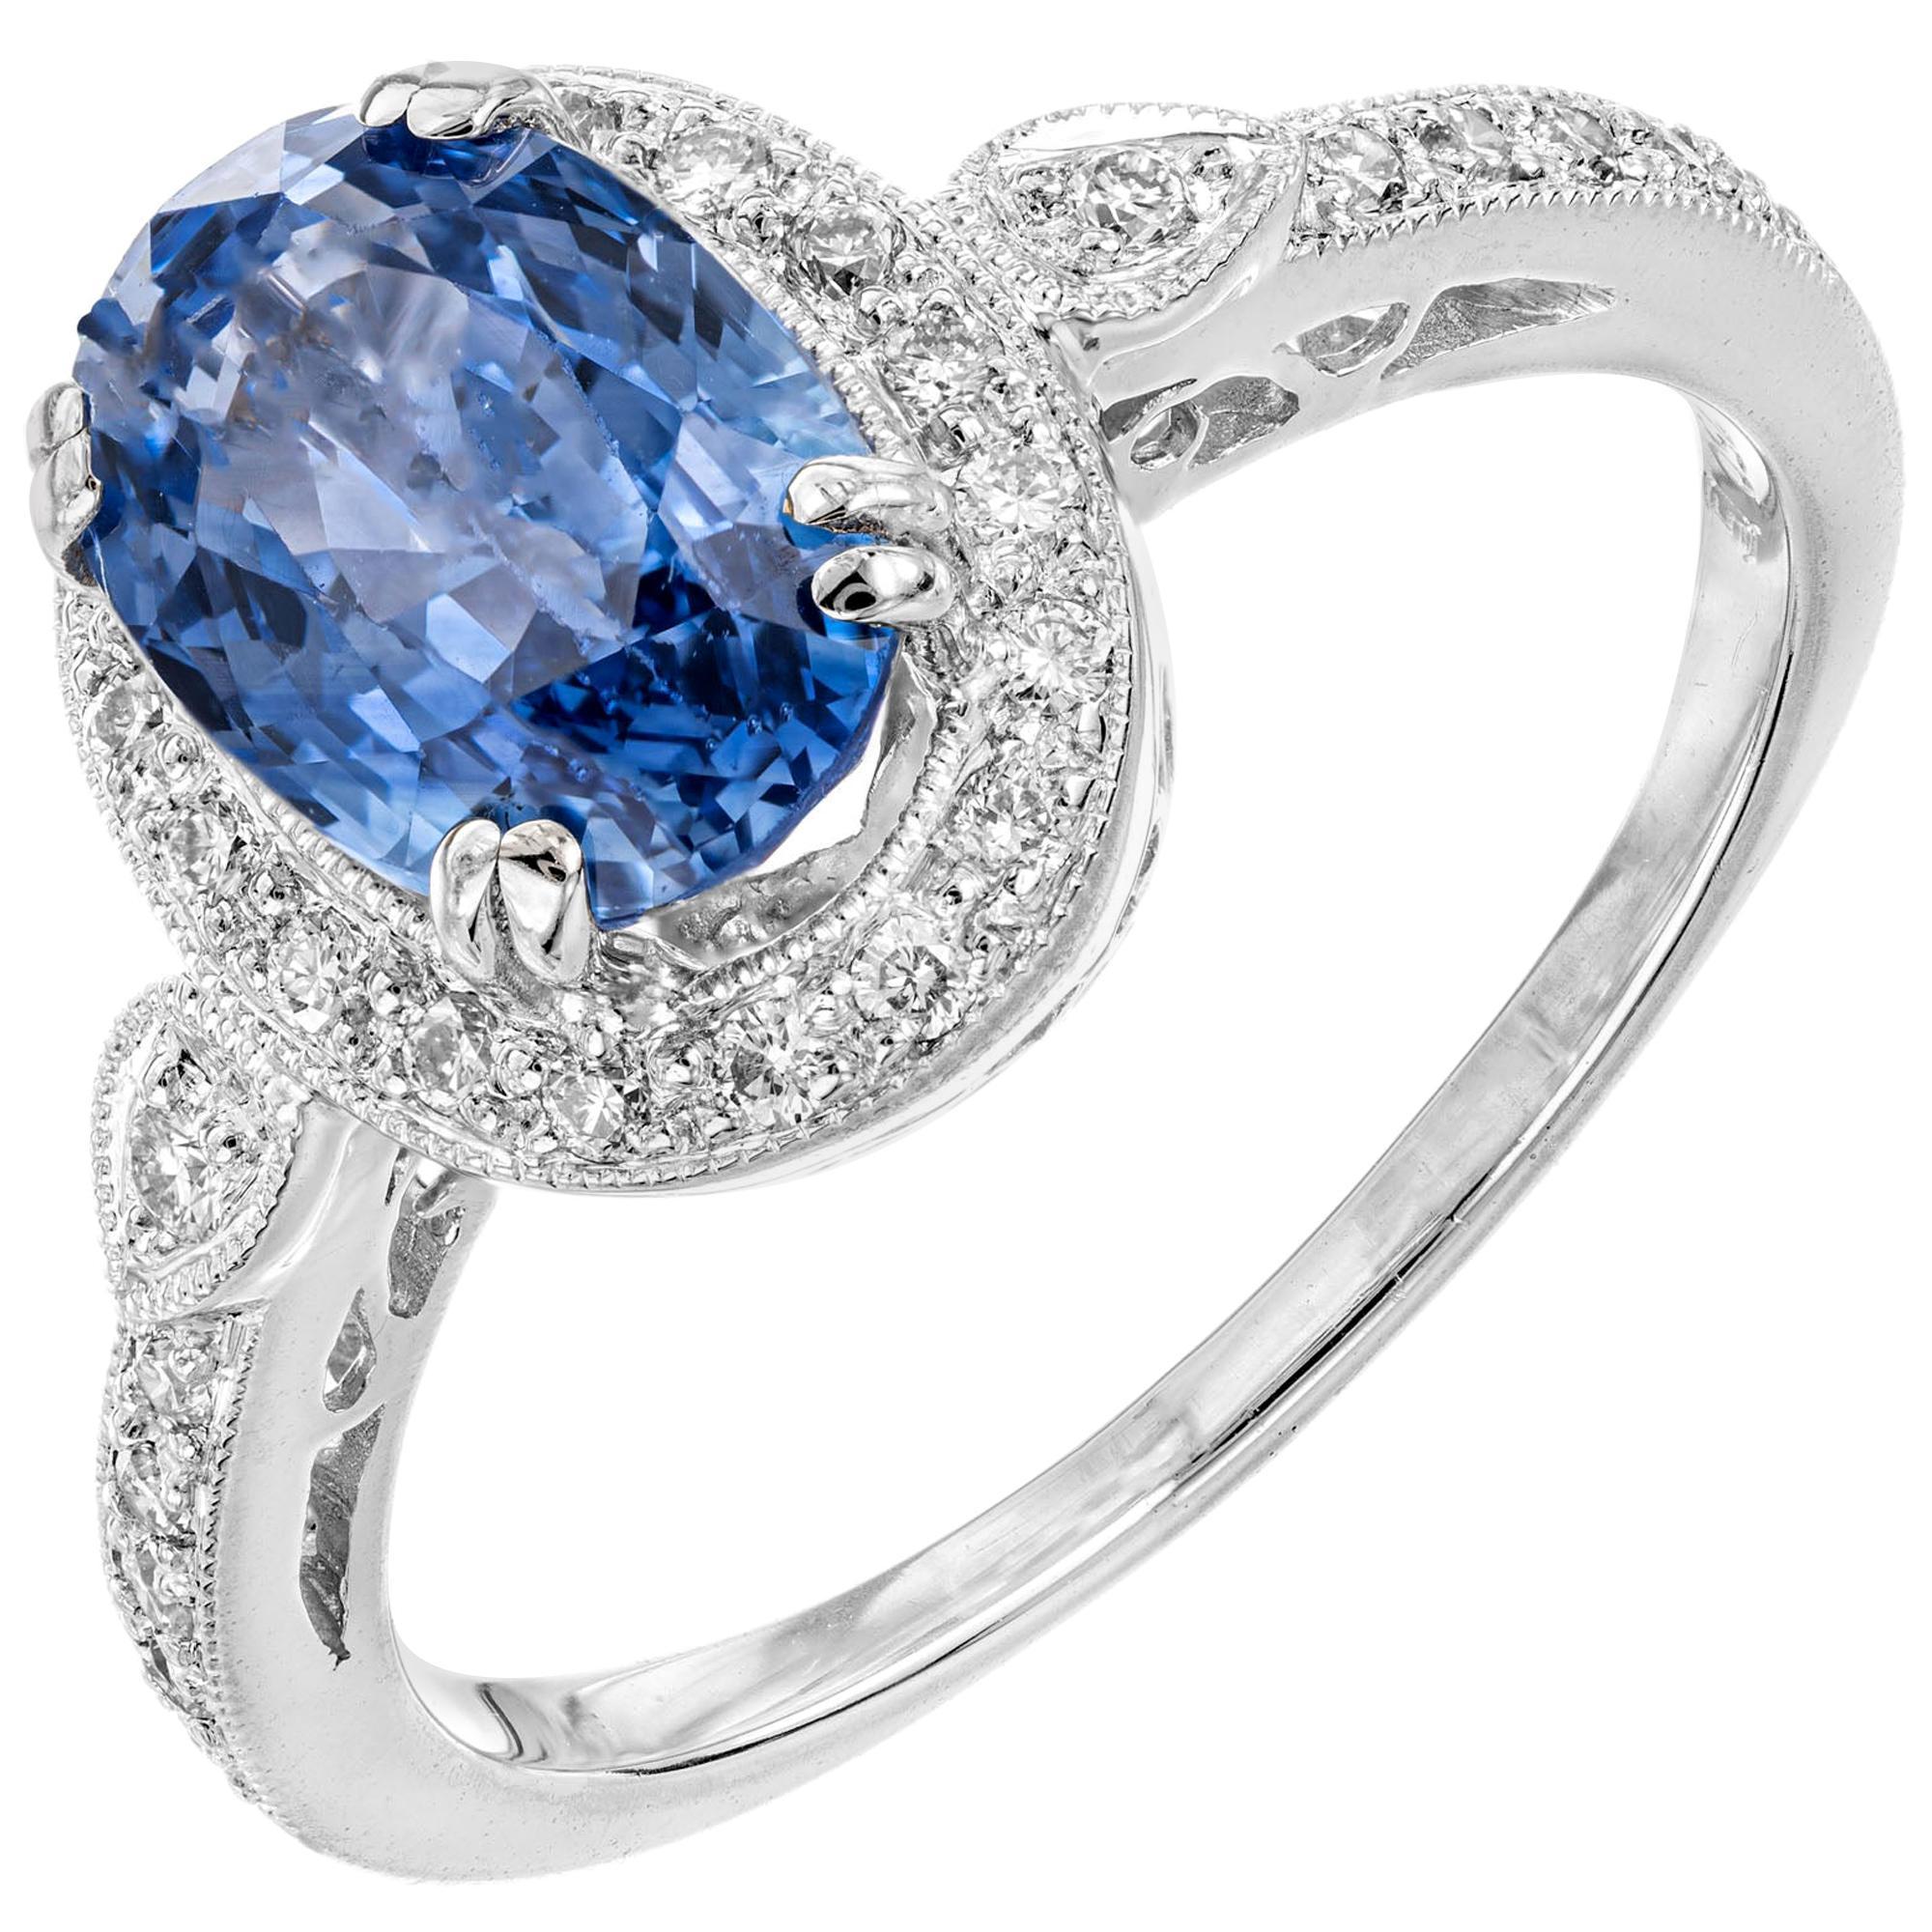 2.47 Carat Oval Ceylon Sapphire Diamond Halo White Gold Engagement Ring GIA